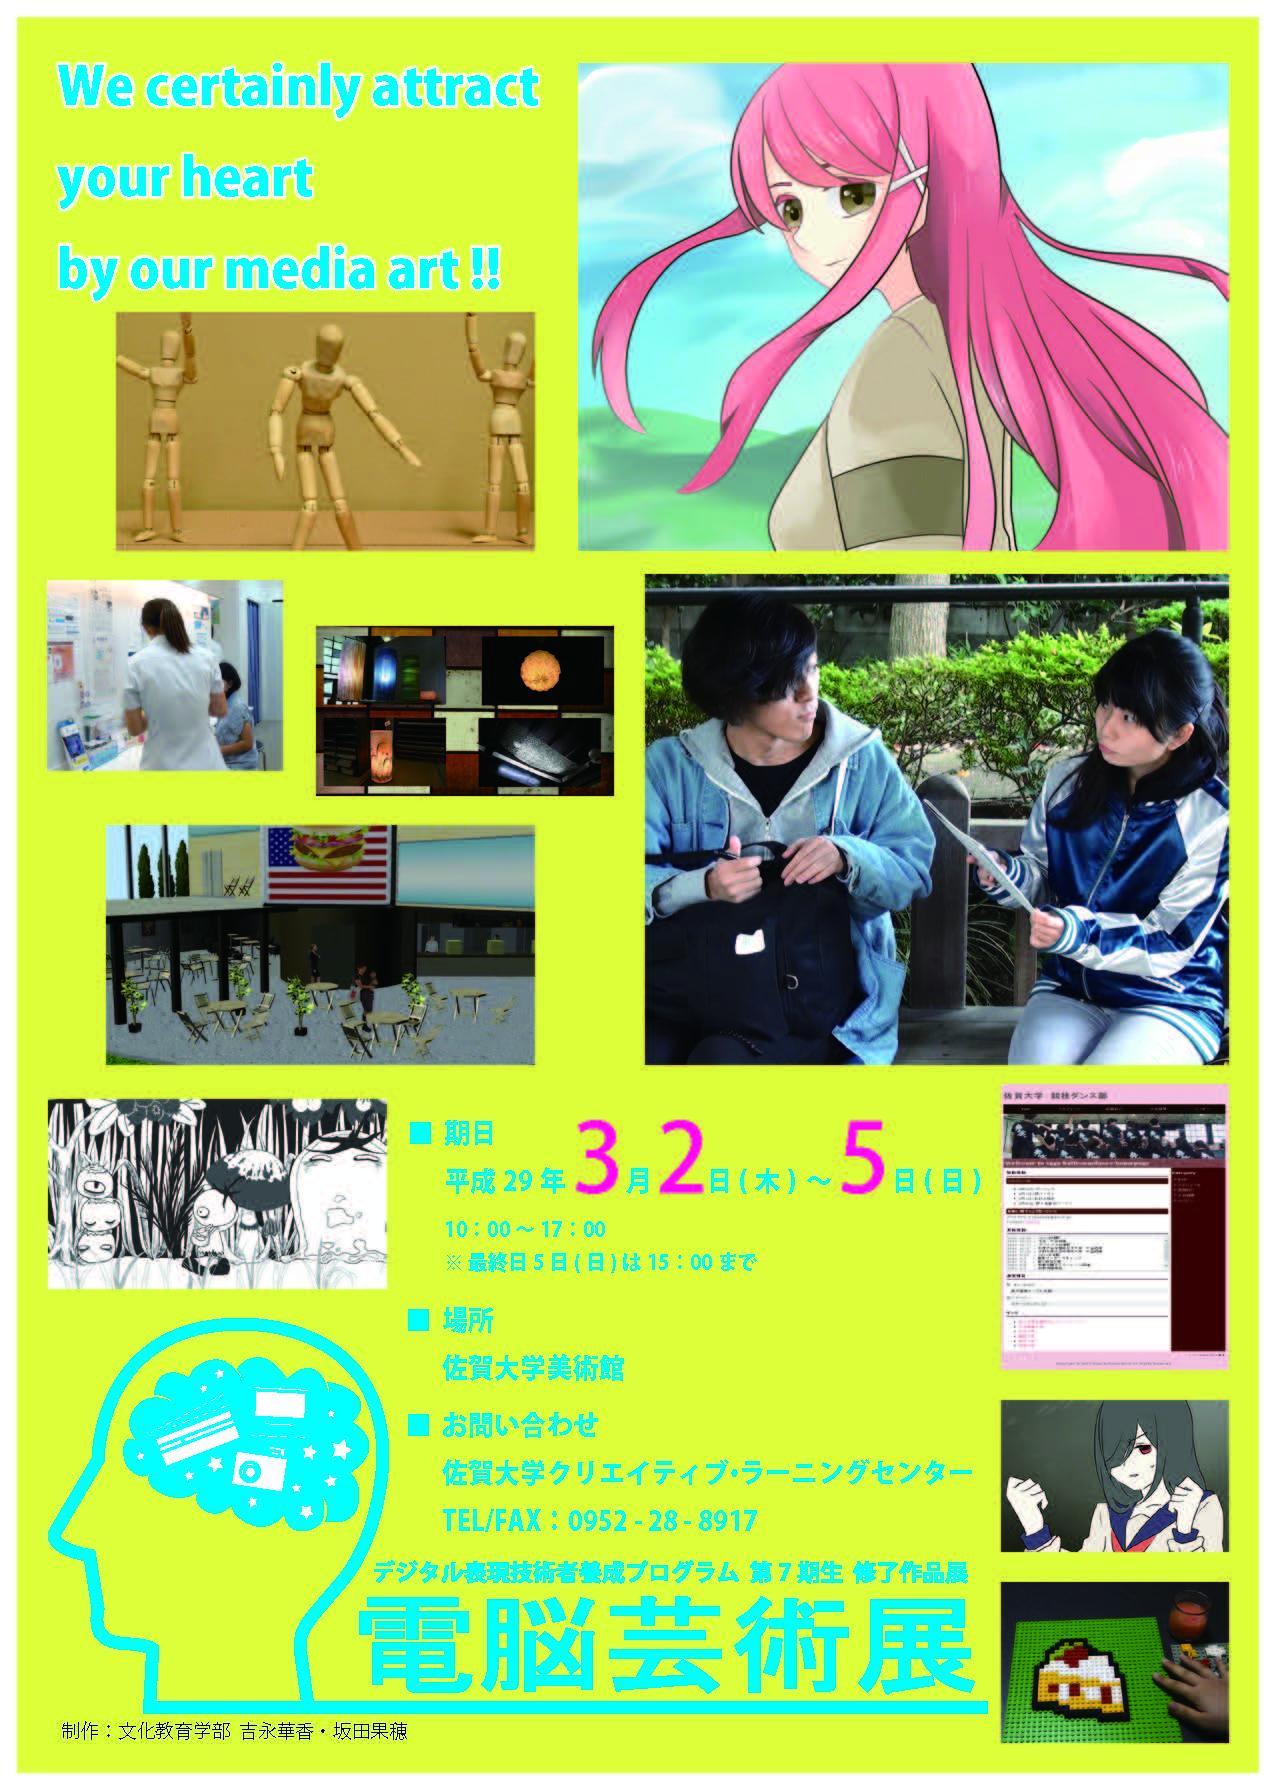 電脳芸術展チラシ1